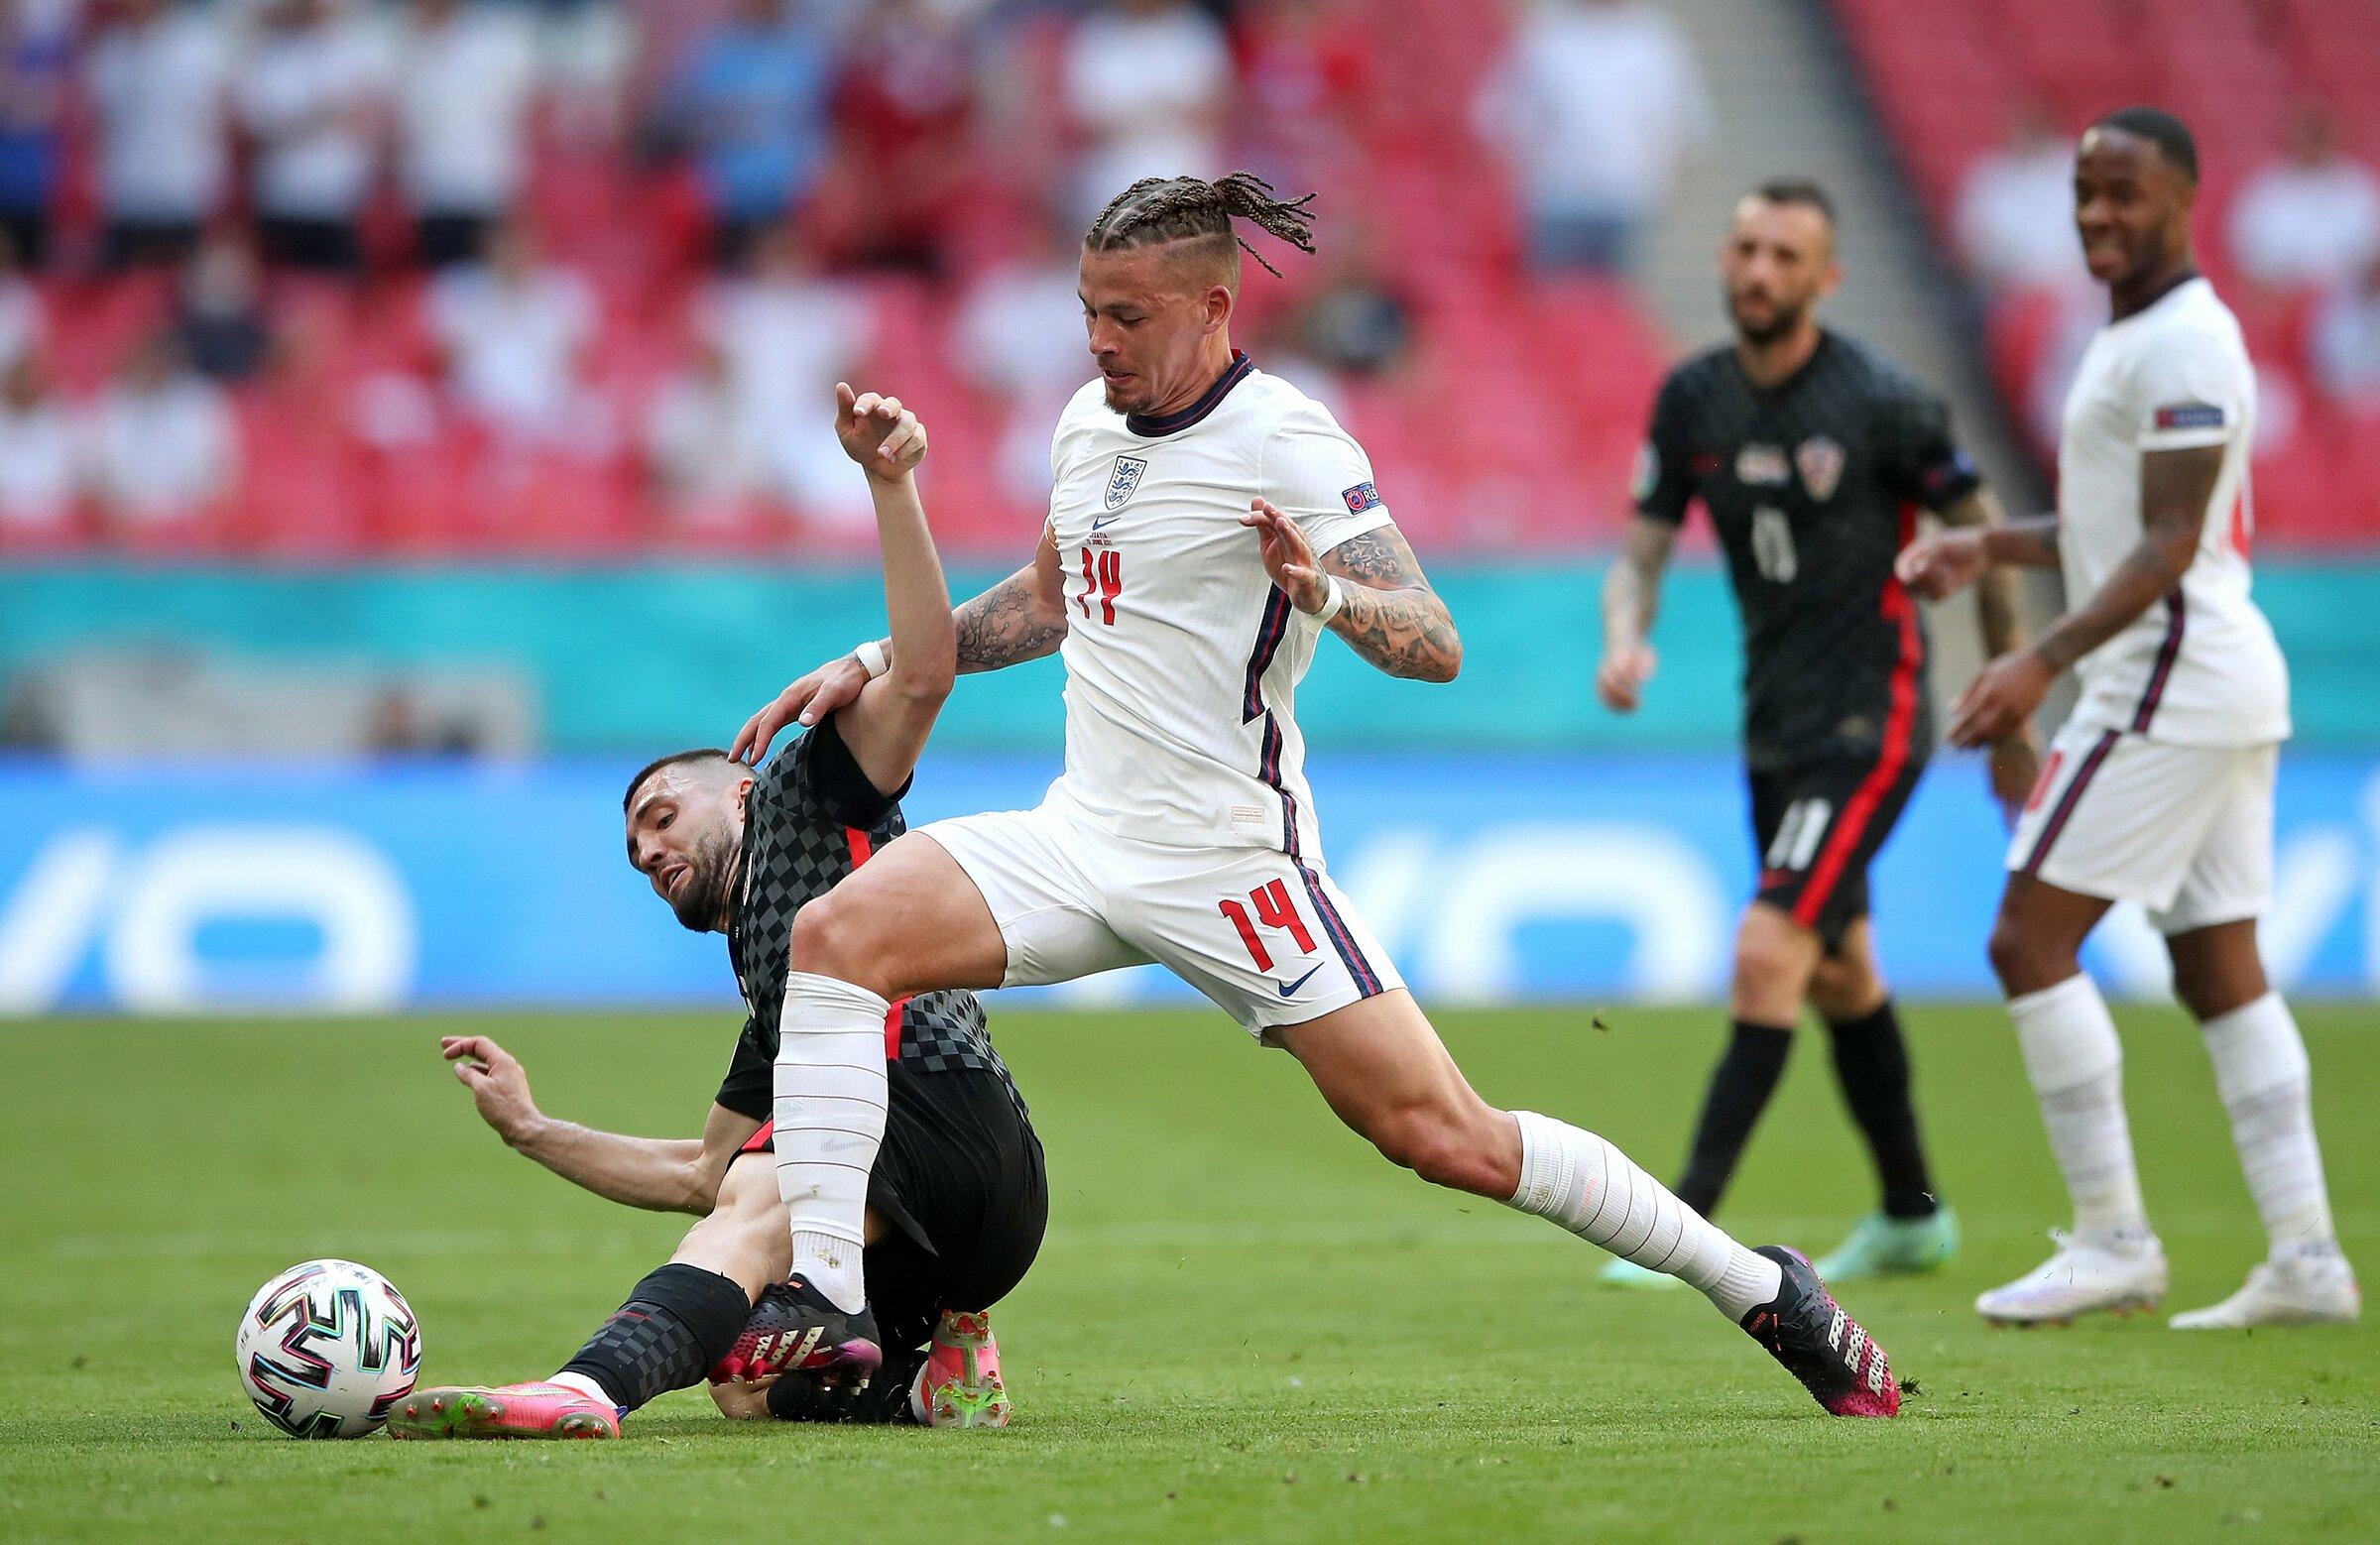 Phillips đang là cầu thủ di chuyển nhiều thứ ba tại Euro 2021 với 67,3 km, chỉ sau Pedri và Jorginho - bộ đôi lần lượt chạy 76,1 và 72,3 km cho các đội Tây Ban Nha và Italy. Ảnh: PA